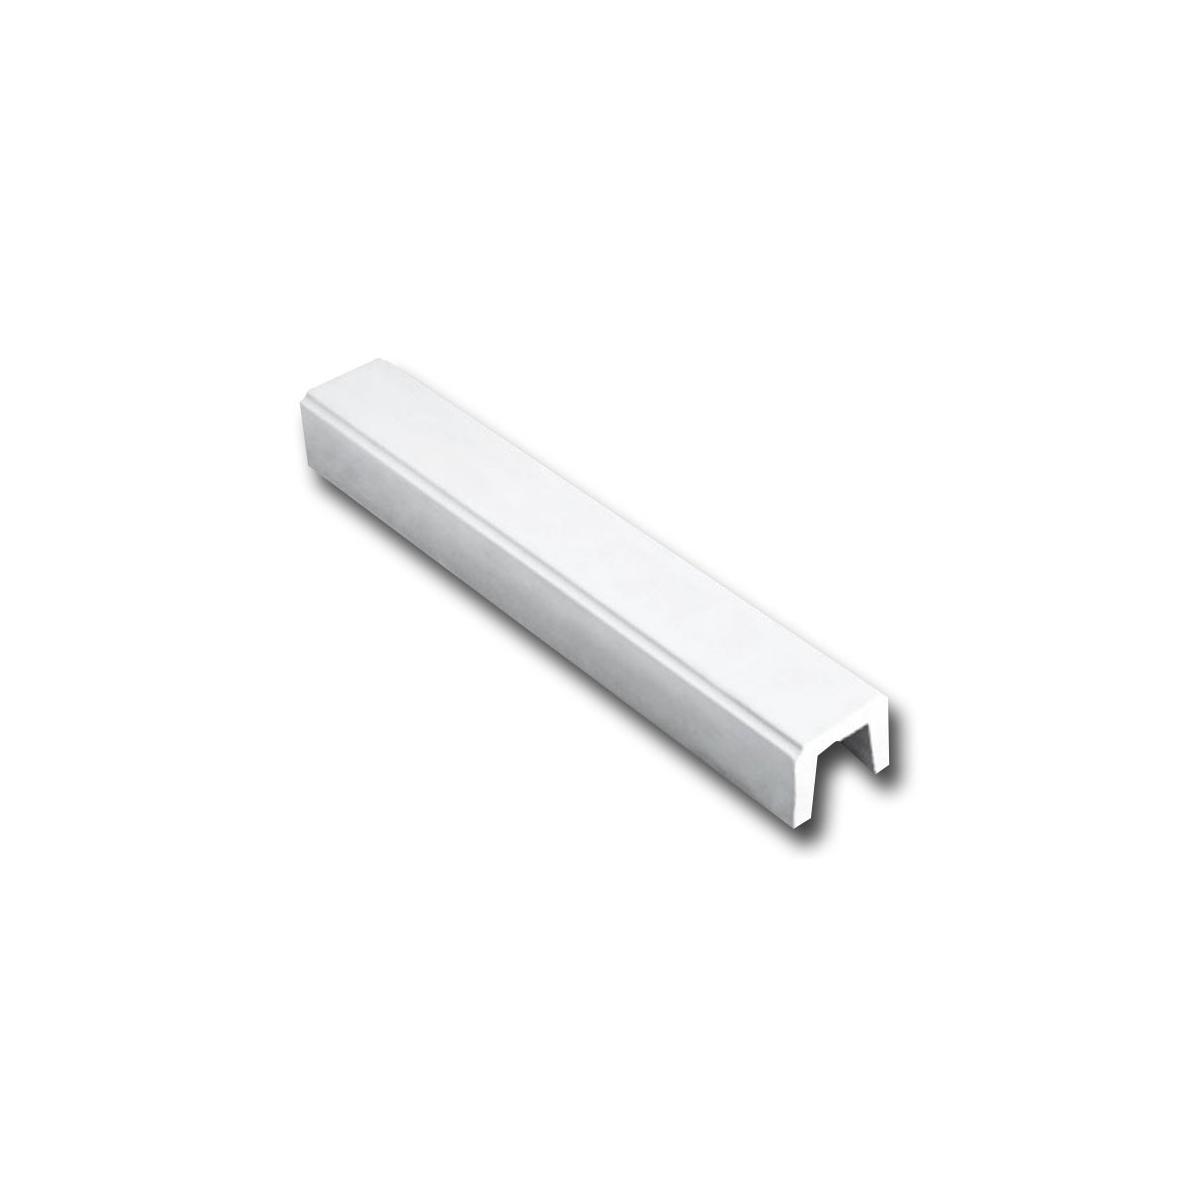 Base balaustrada baja - Balaustradas - Marca Prefabricados López